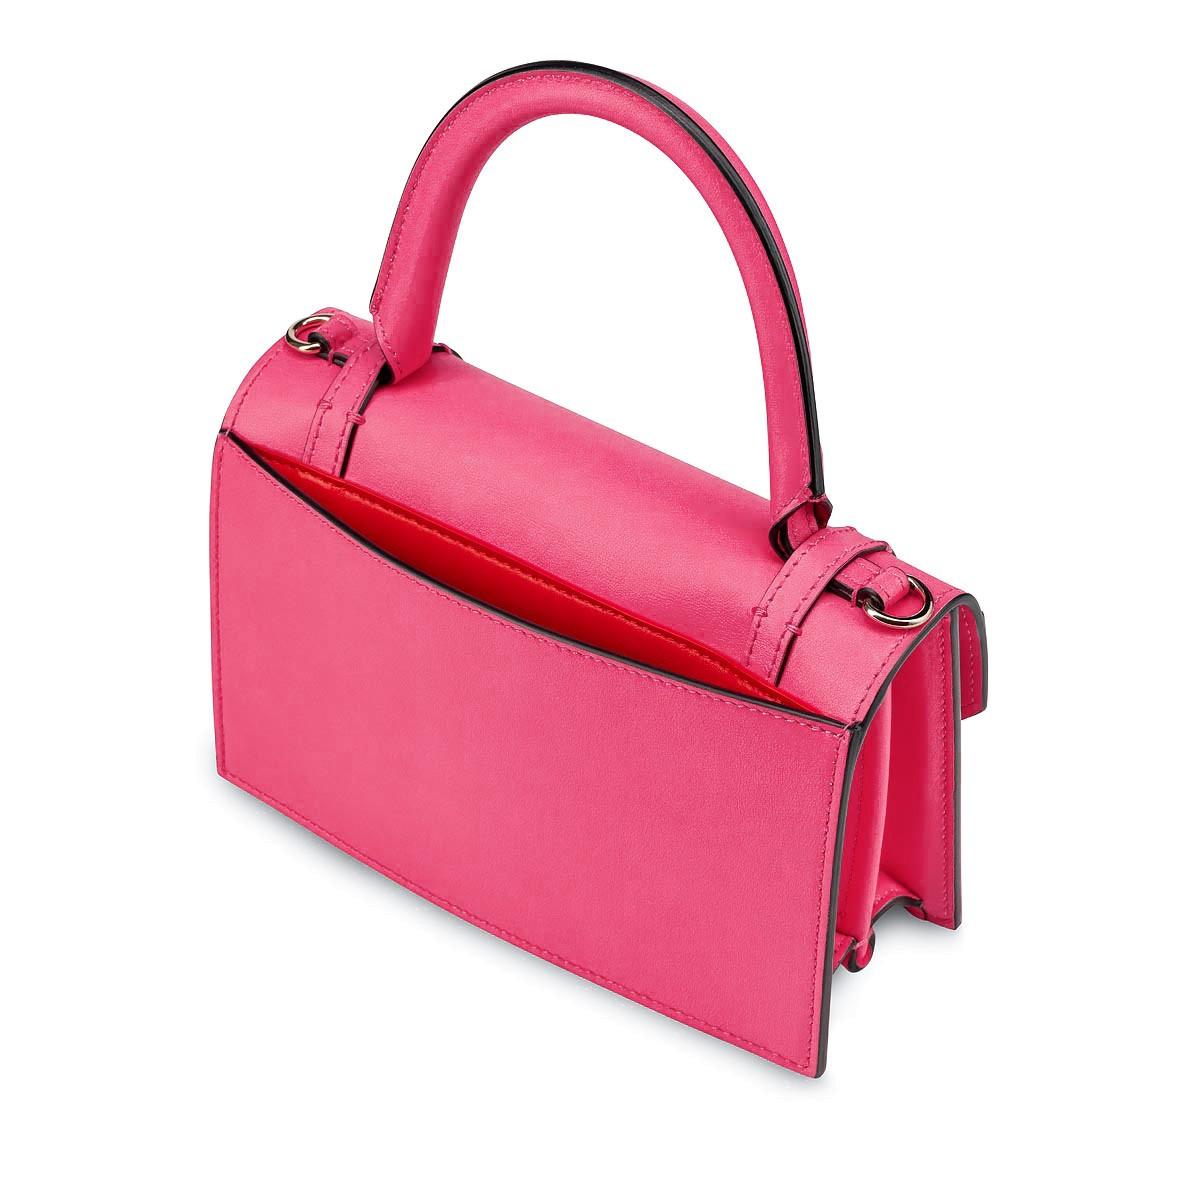 Bags - Elisa Top Small - Christian Louboutin